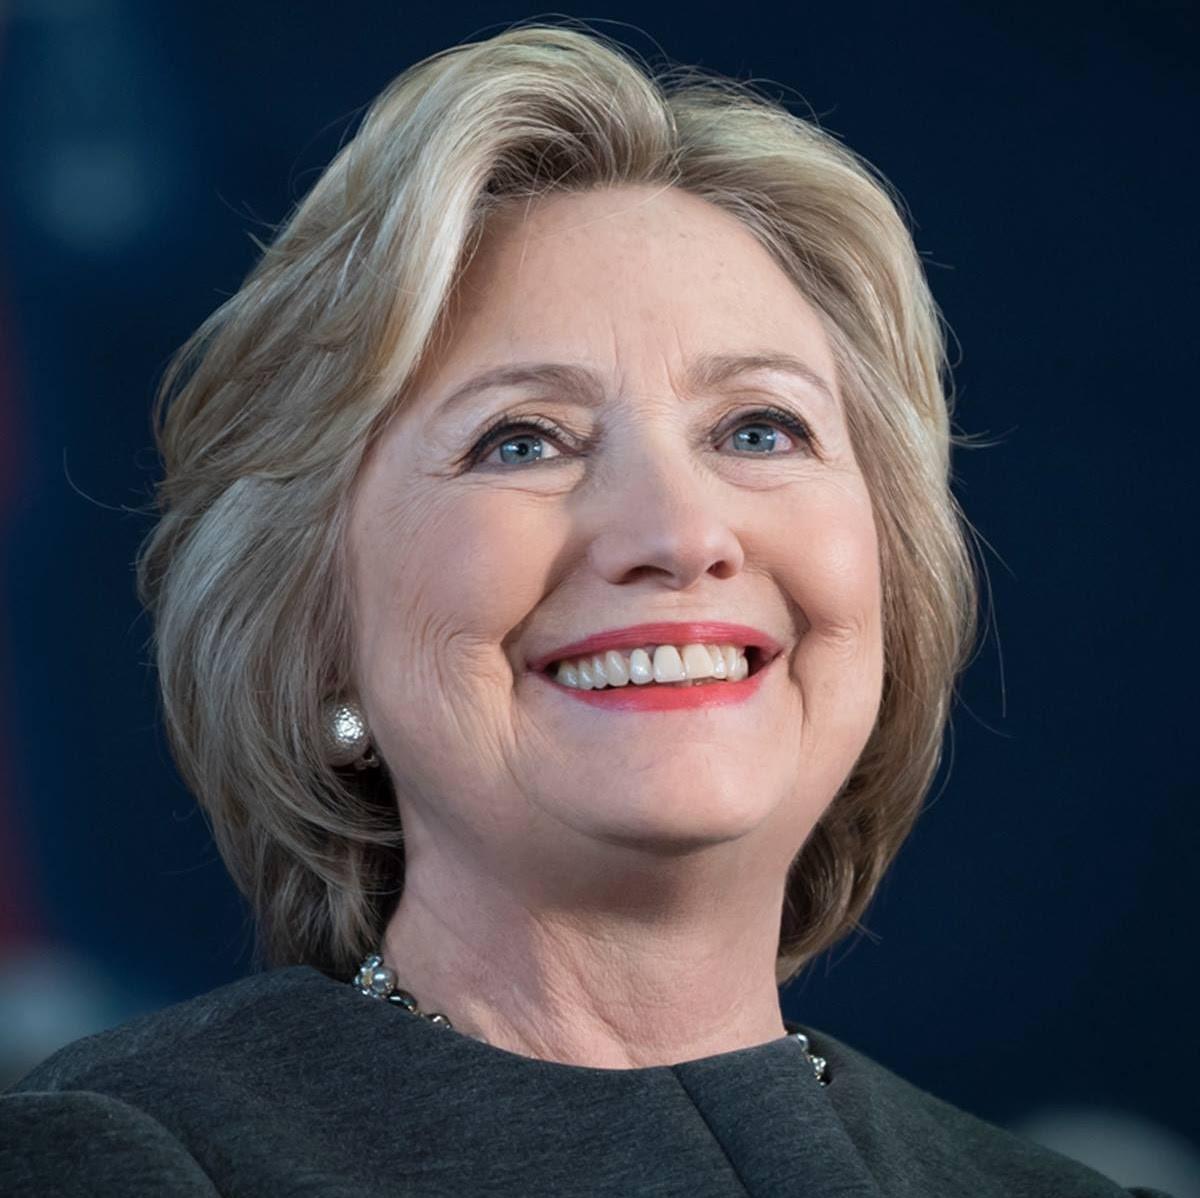 Tài hùng biện của các nguyên thủ quốc gia: ứng viên Tổng Thống Hoa Kỳ 2016 - Hillary Clinton.